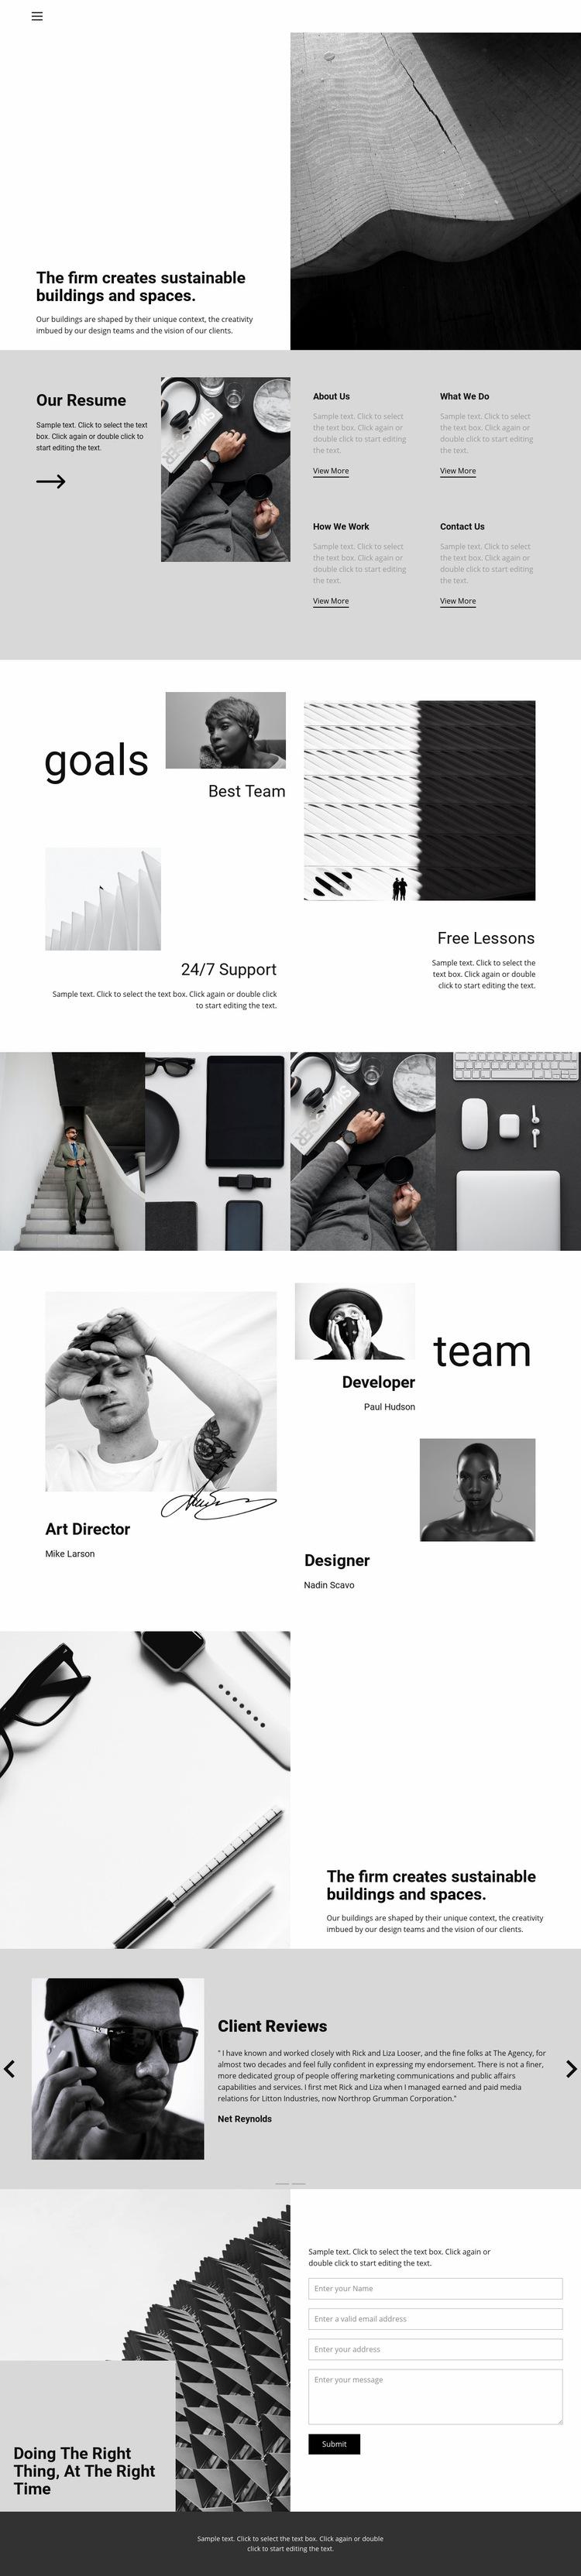 Hard work good result Web Page Design